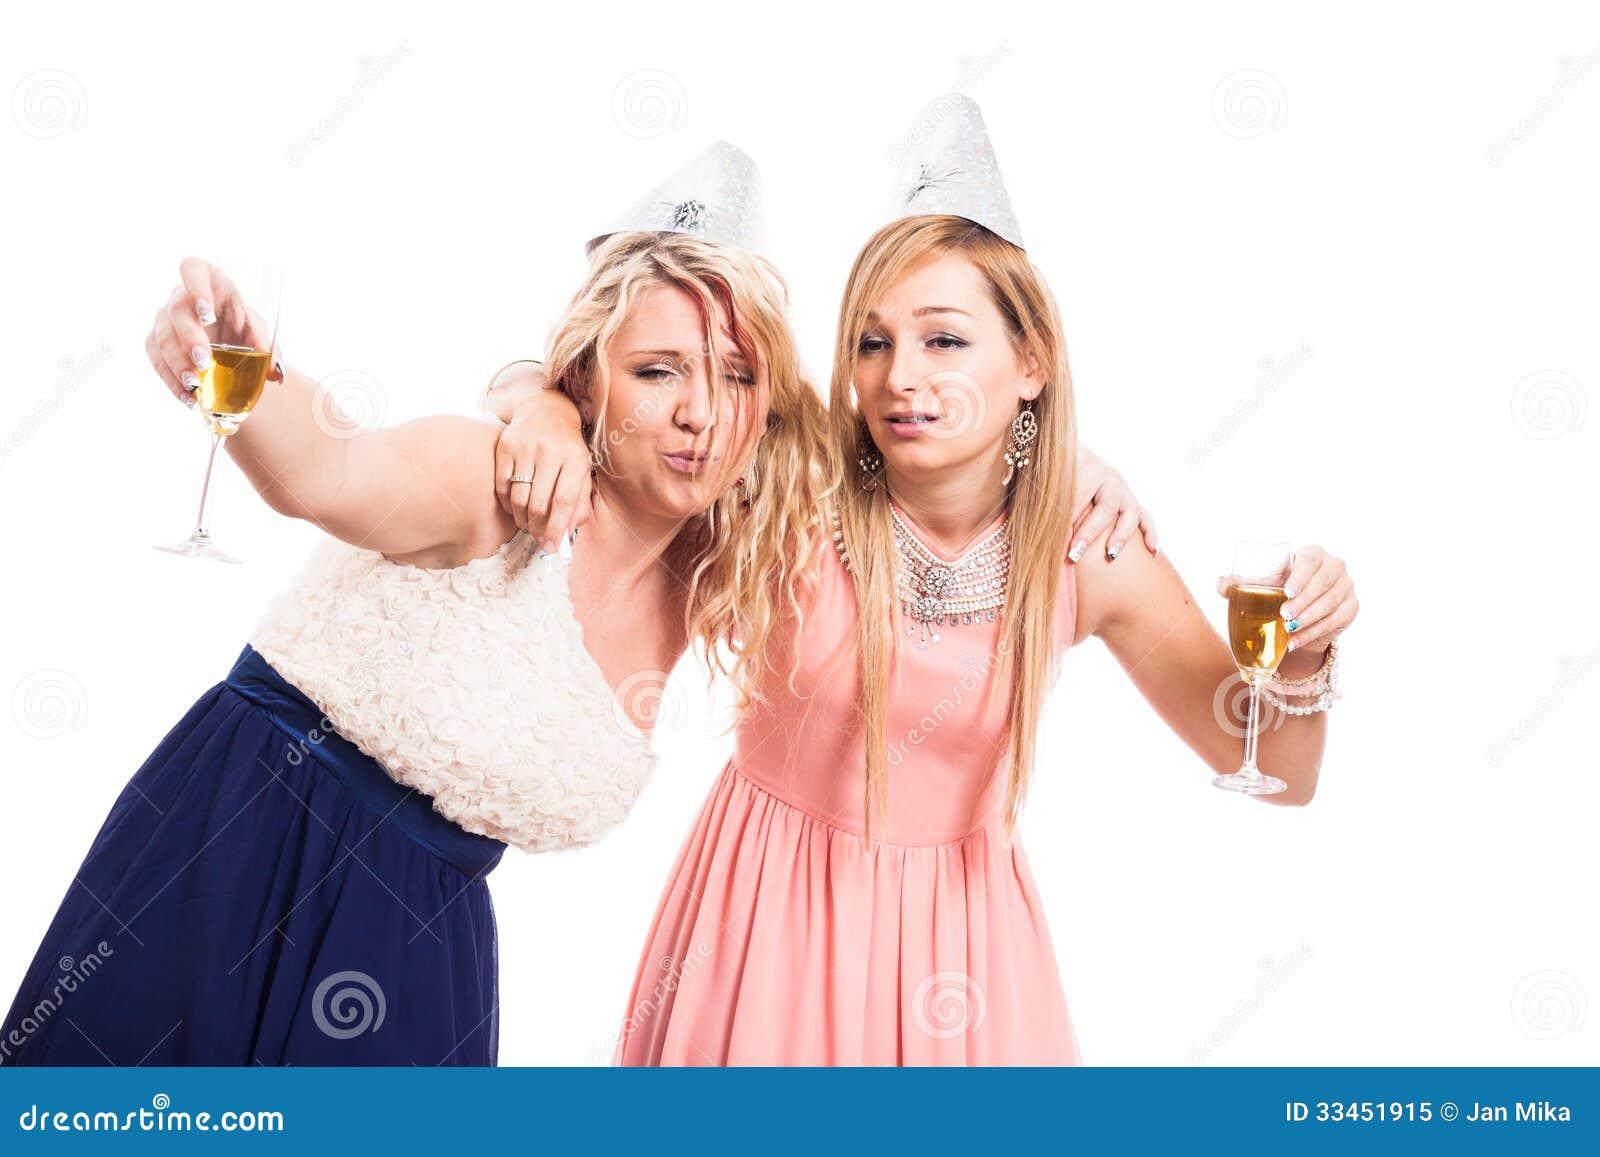 1817d559b5 Dos mujeres borrachas celebran con el alcohol, aislado en el fondo blanco